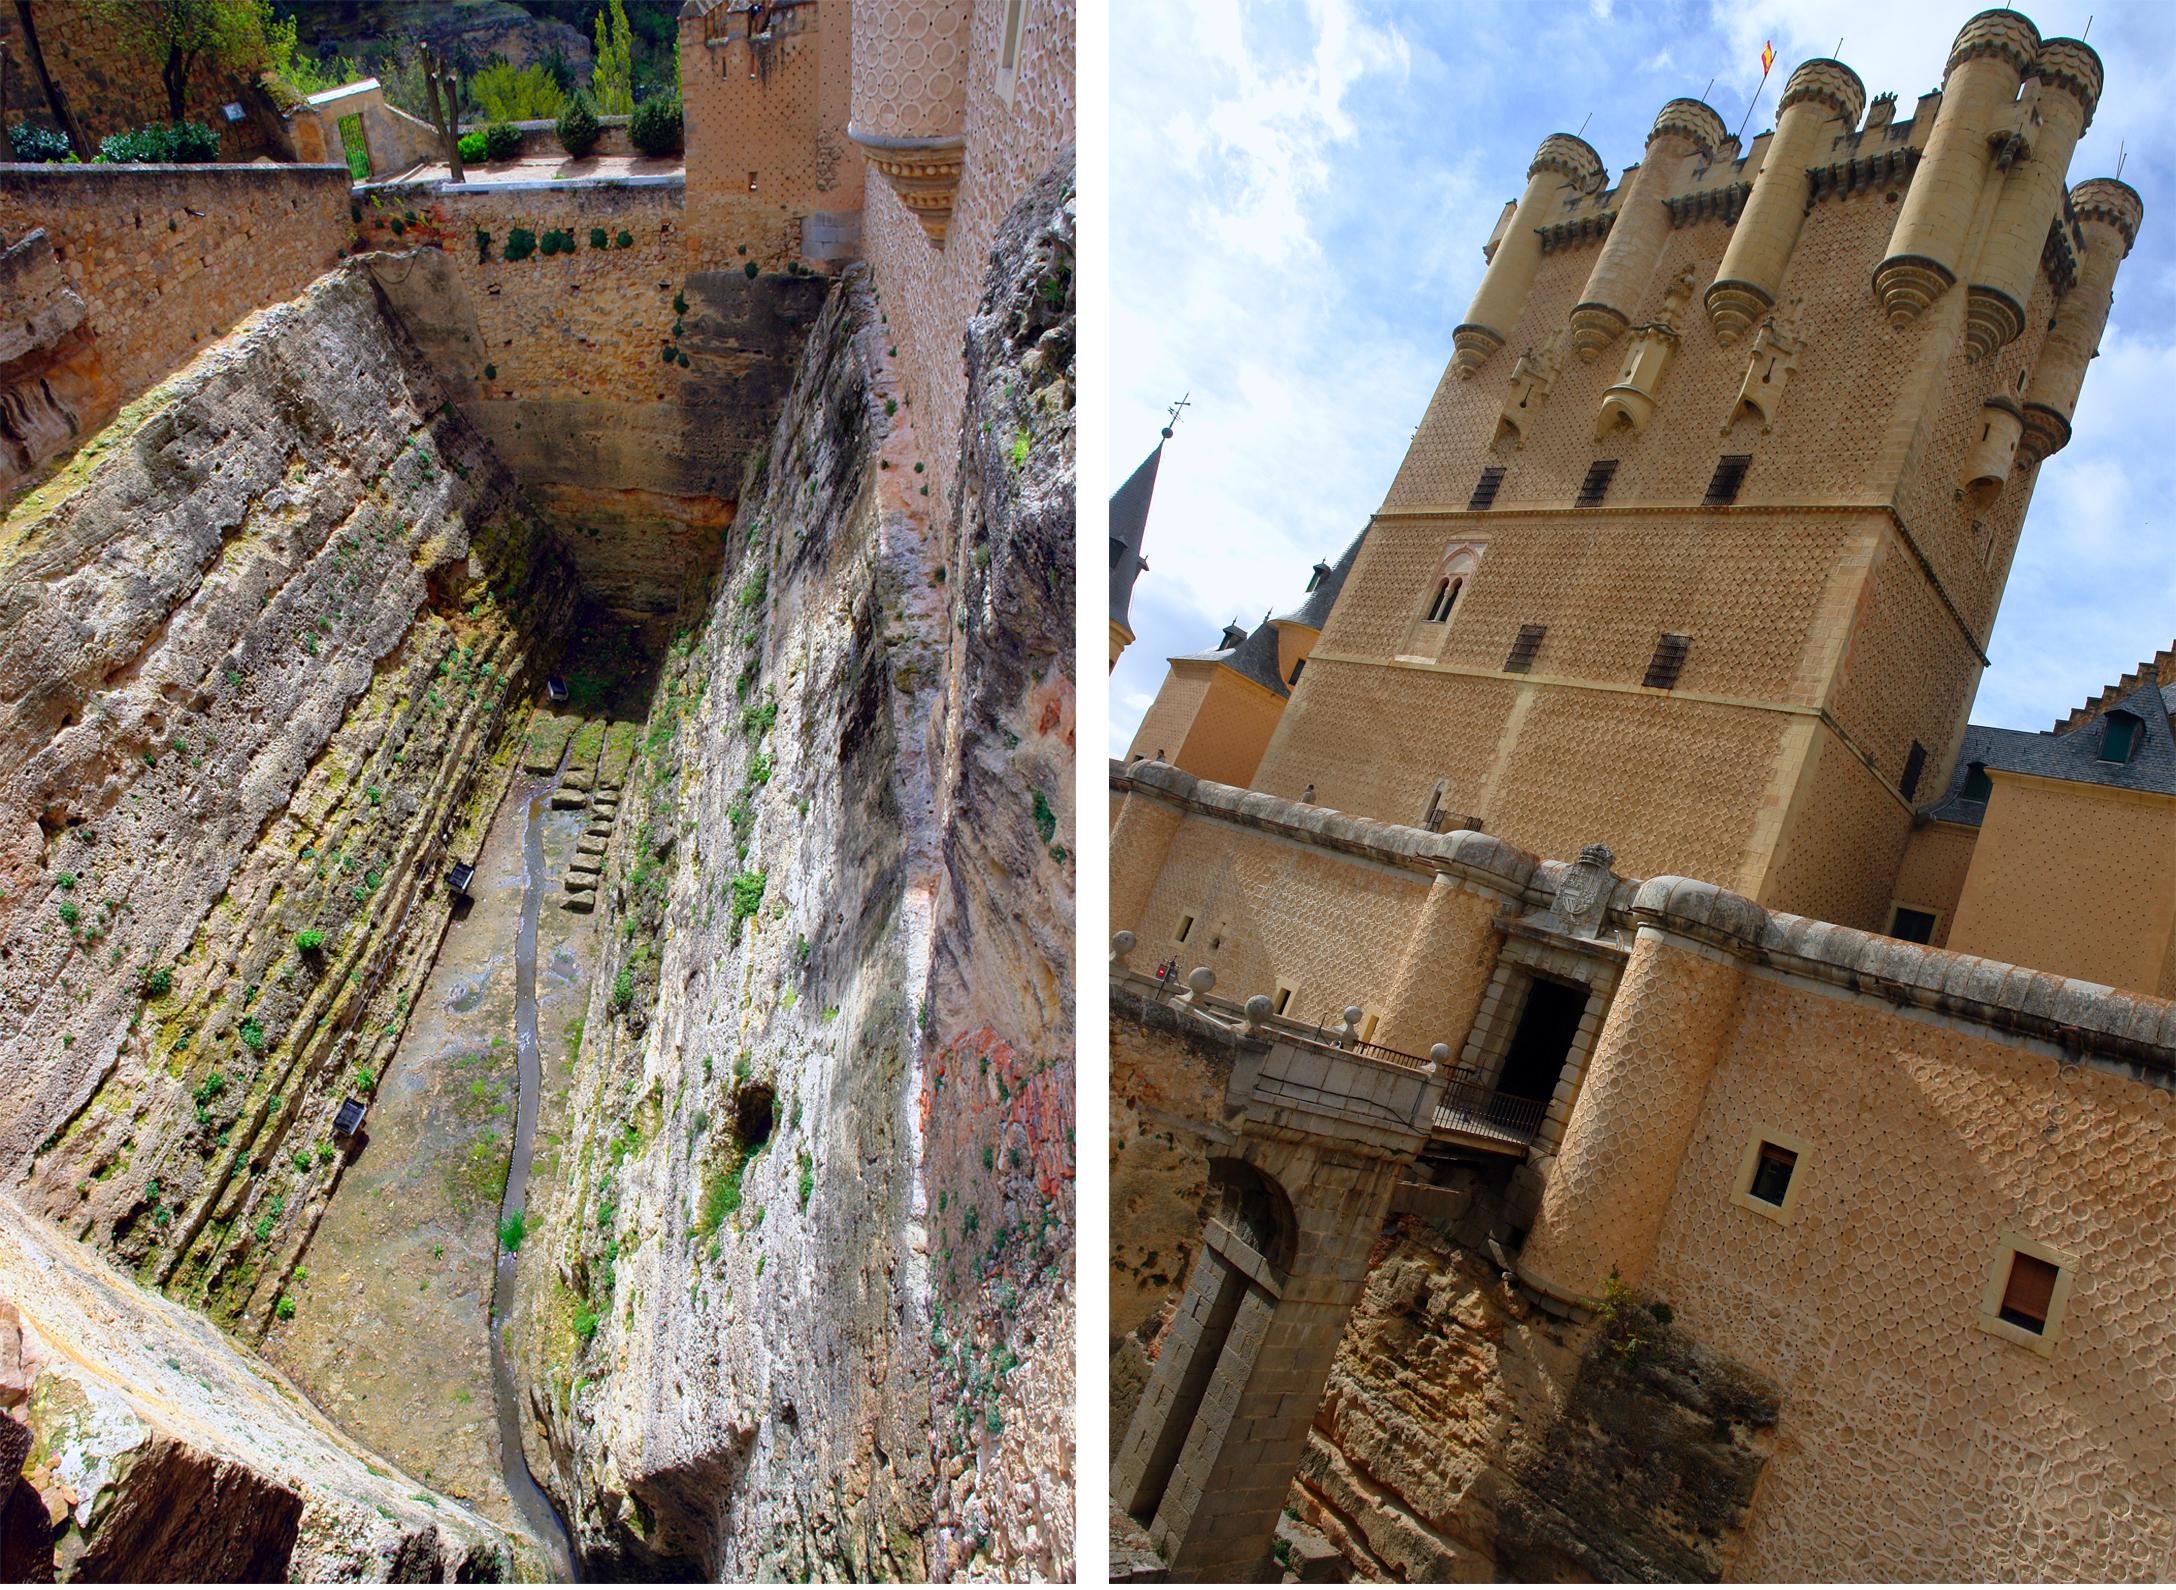 Qué ver Segovia, España qué ver en segovia - 30730785560 8b6db545fe o - Qué ver en Segovia, España